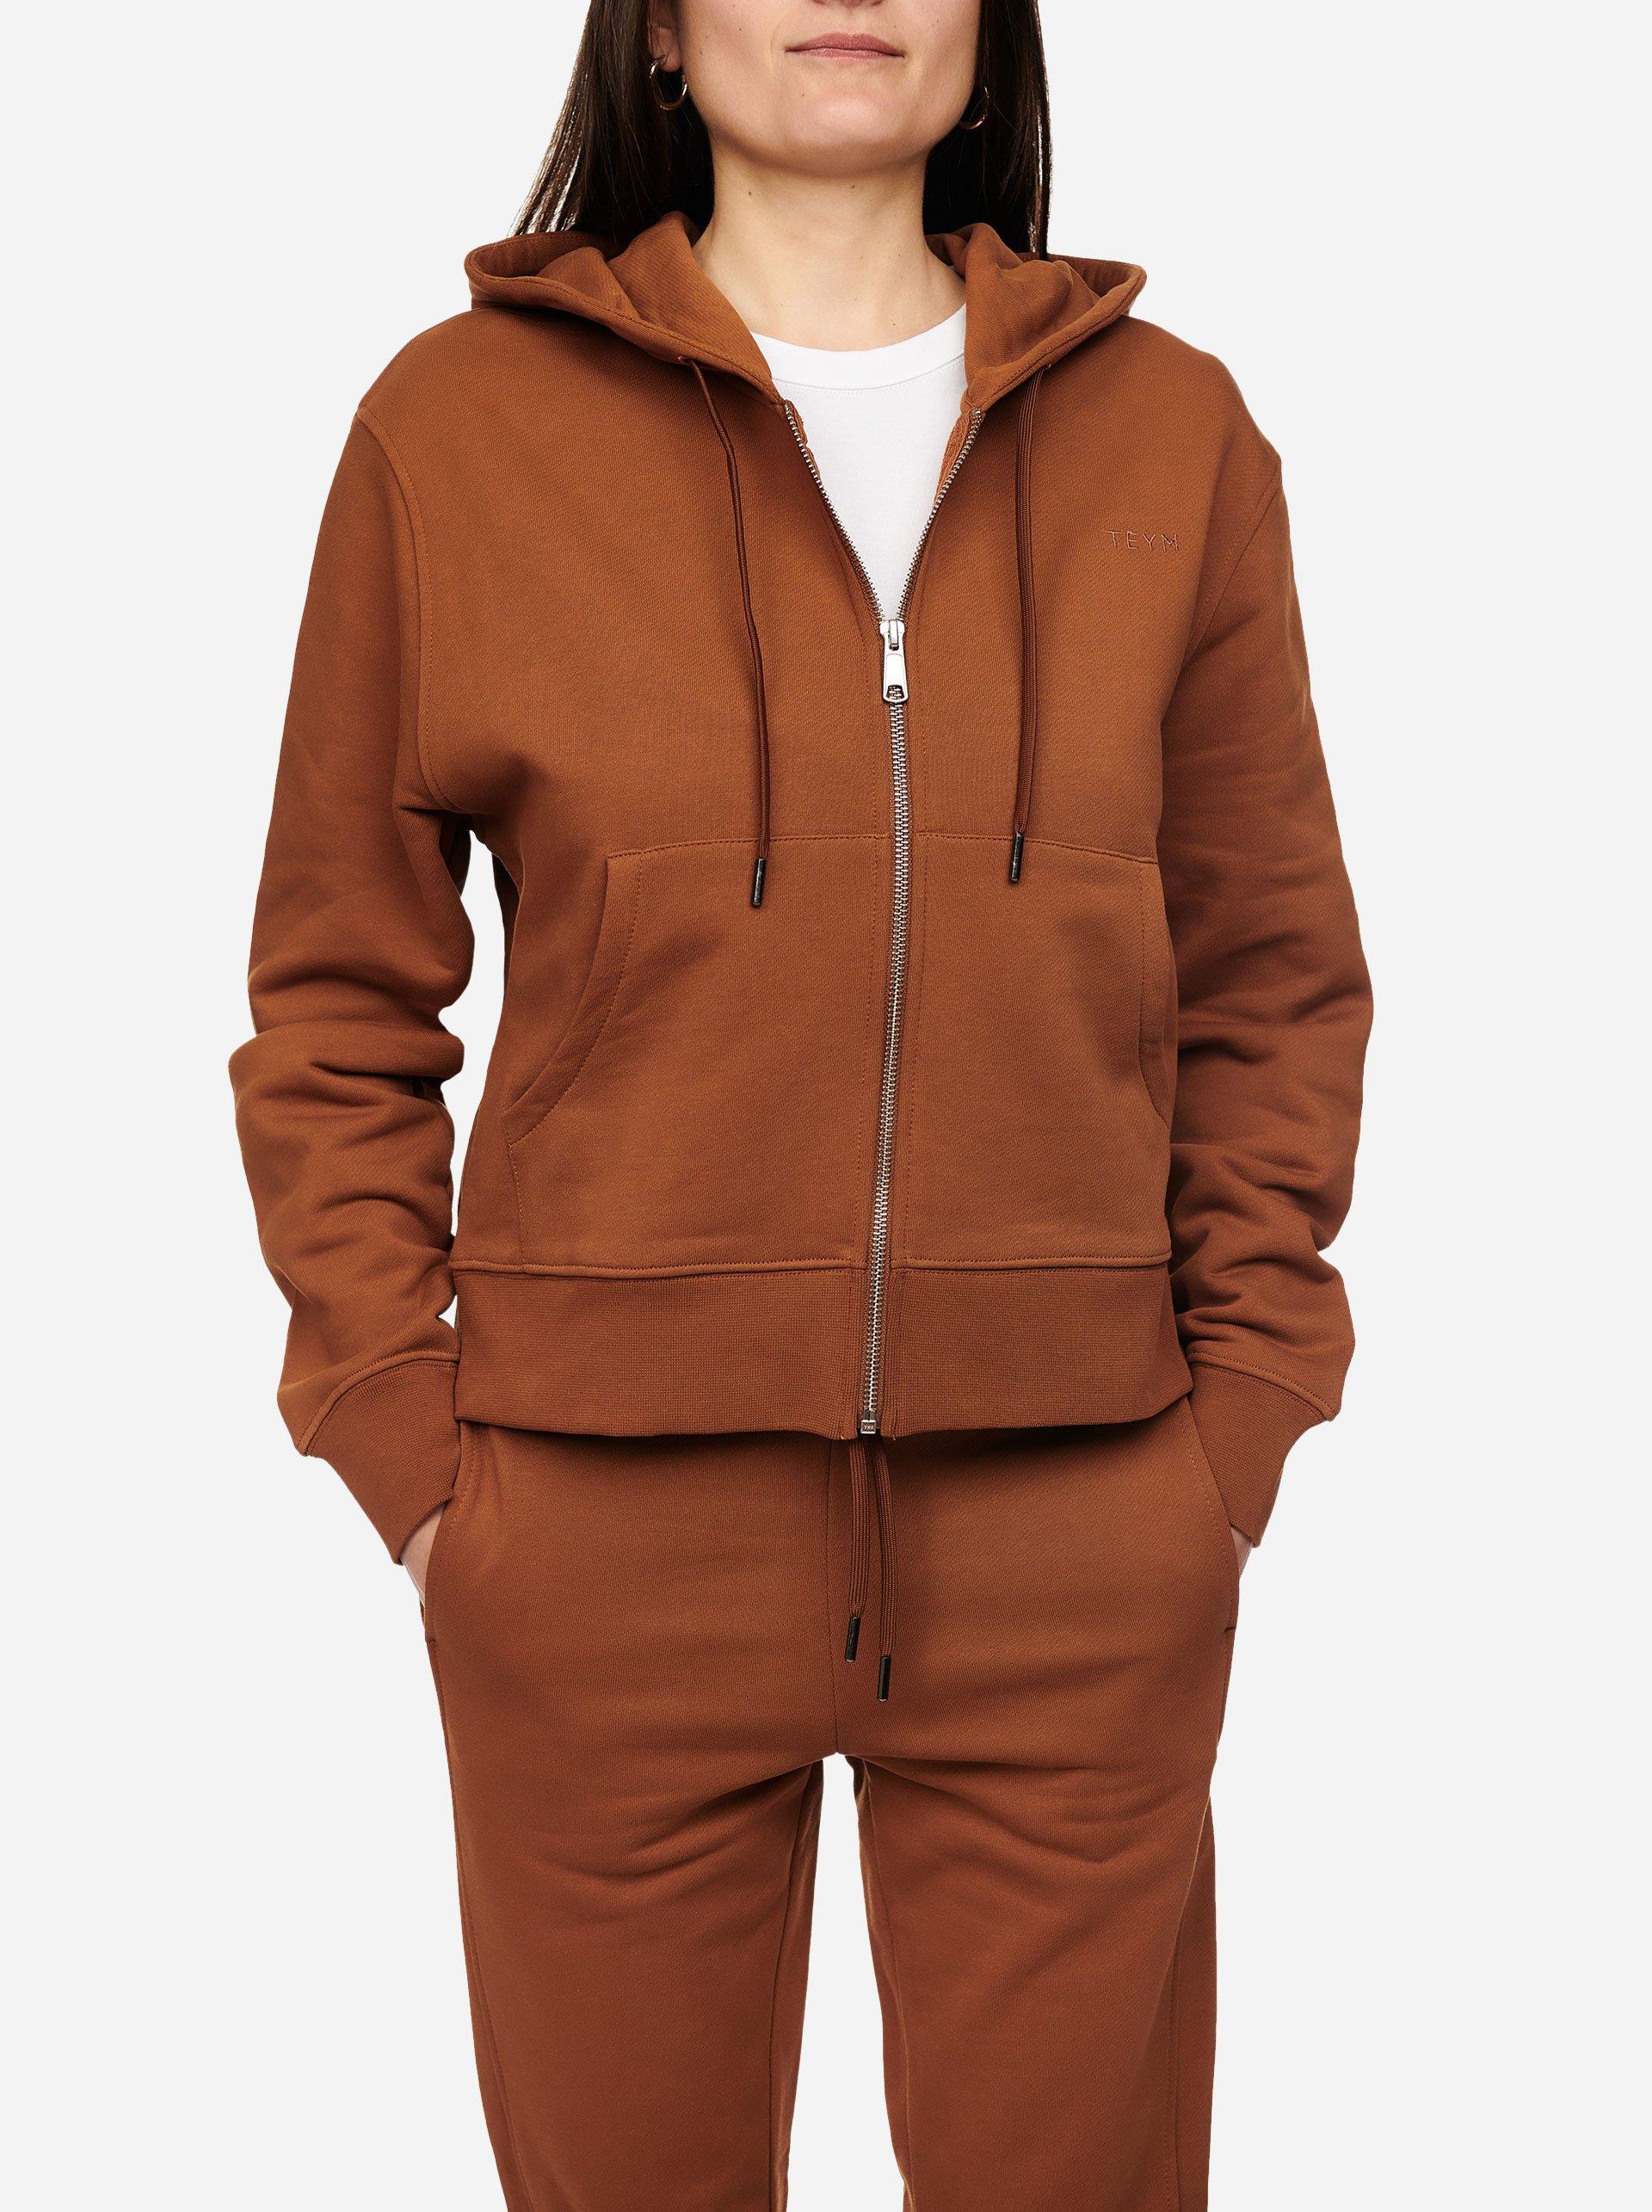 Teym_-_Size_Guide_-_Sweatshirt_-_Women_-_1